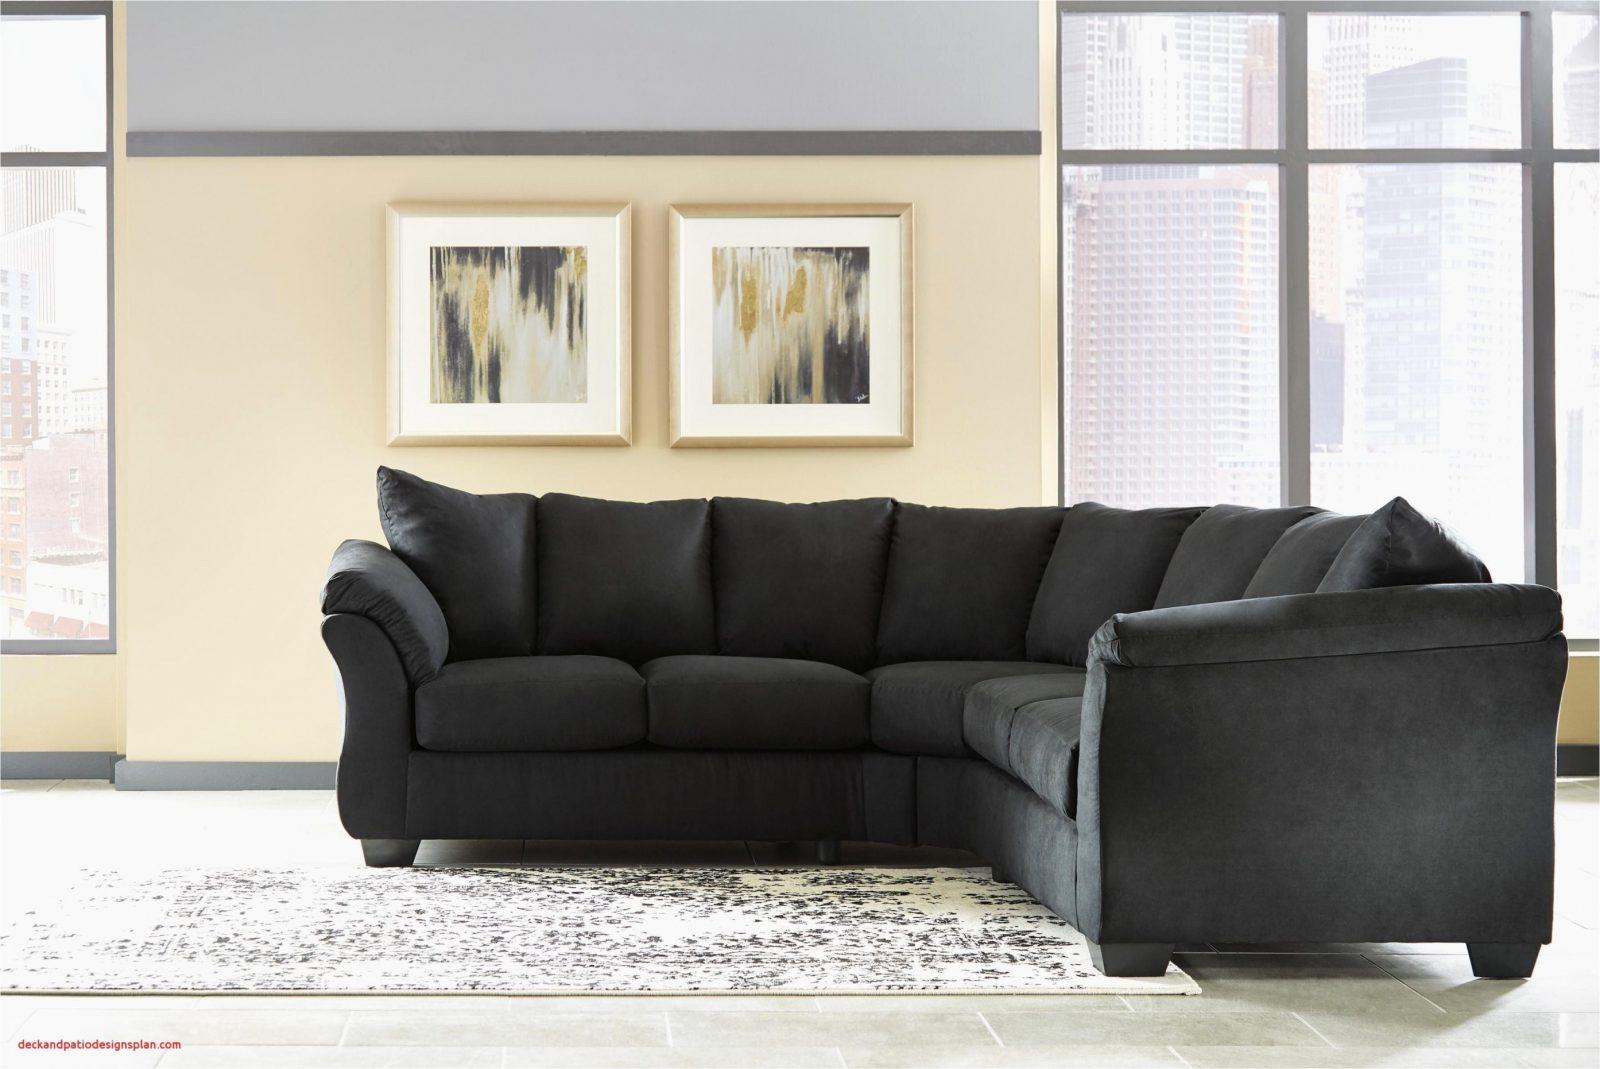 2 Sitzer Sofa Mit Recamiere Design 32 Das Beste Von Dieses Jahr von Ecksofa Mit Schlaffunktion Gebraucht Bild